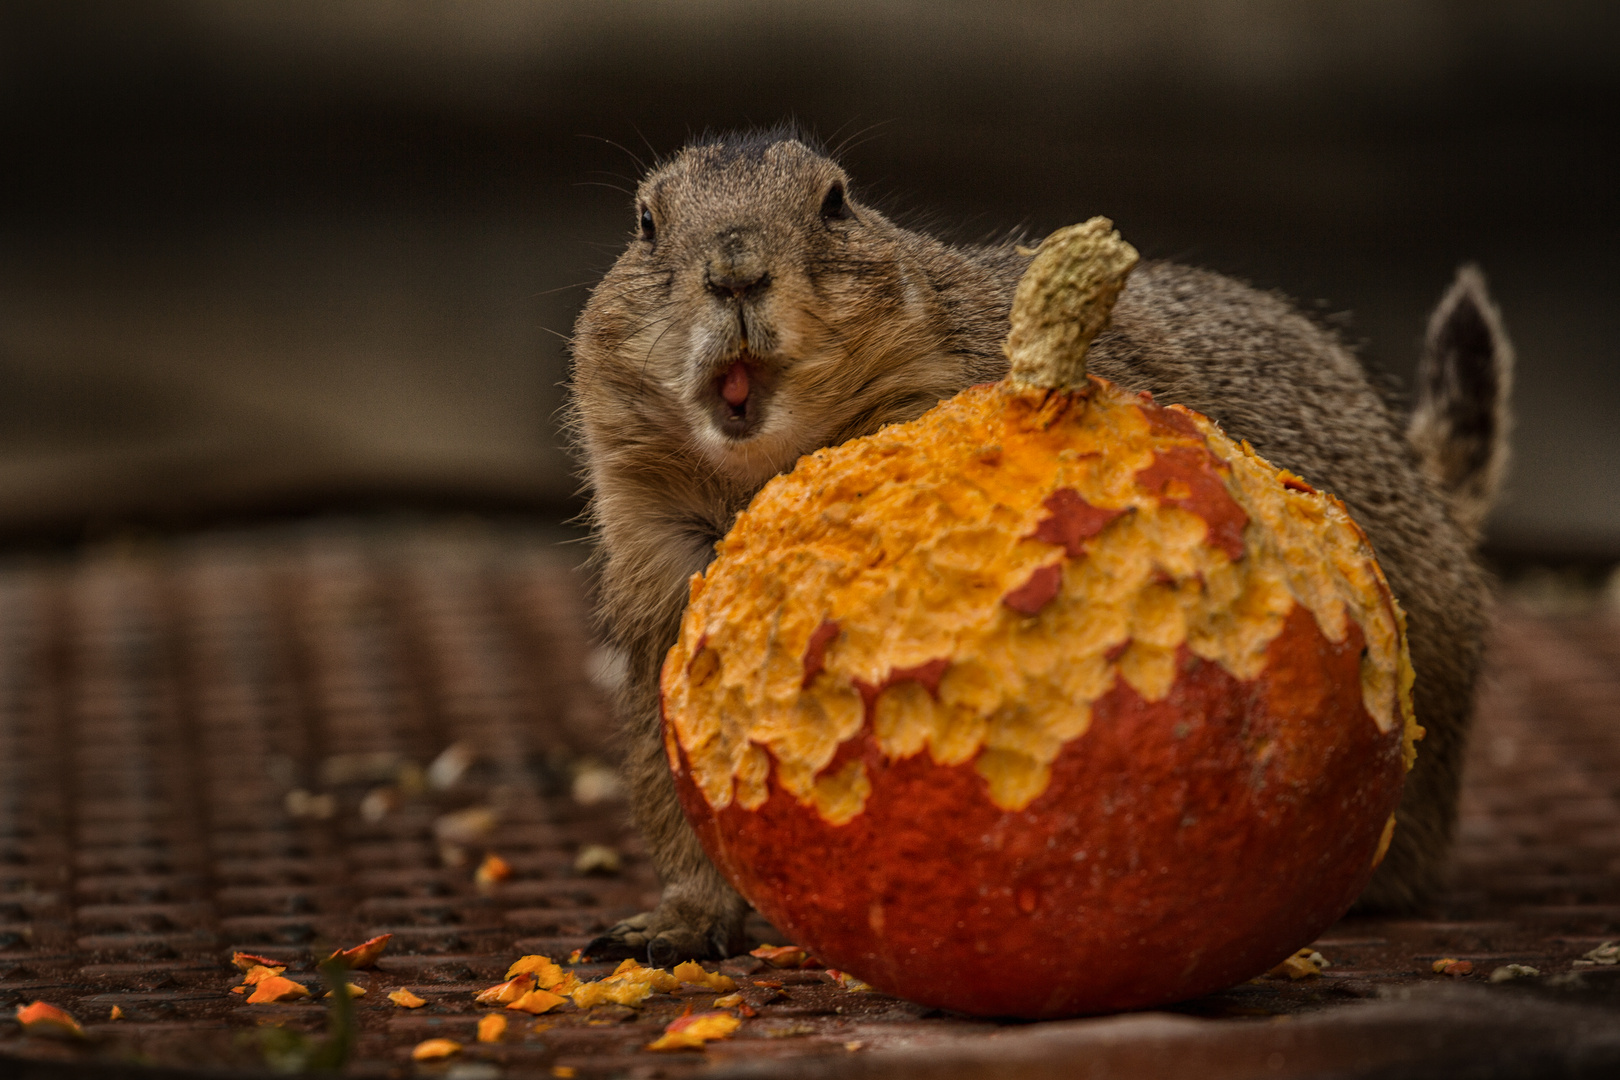 alles Gute bringt der Herbst